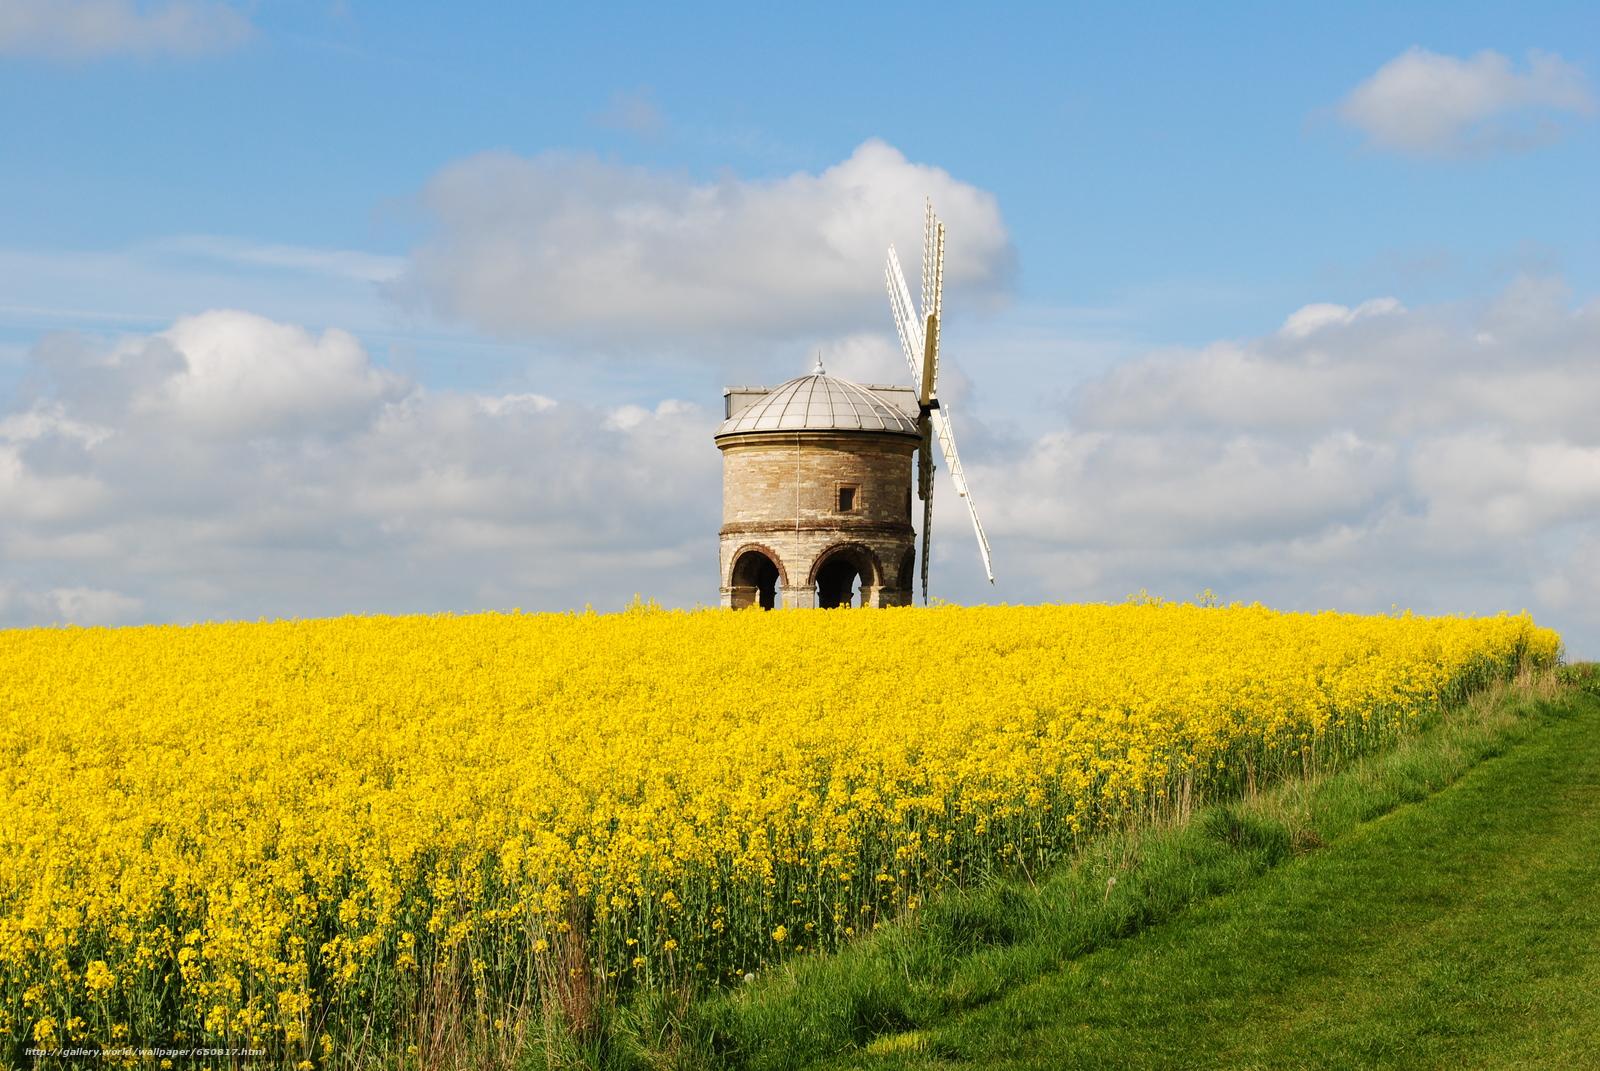 Скачать обои Честертон ветряная мельница,  Уорикшир,  Великобритания,  Chesterton Windmill бесплатно для рабочего стола в разрешении 3872x2592 — картинка №650817